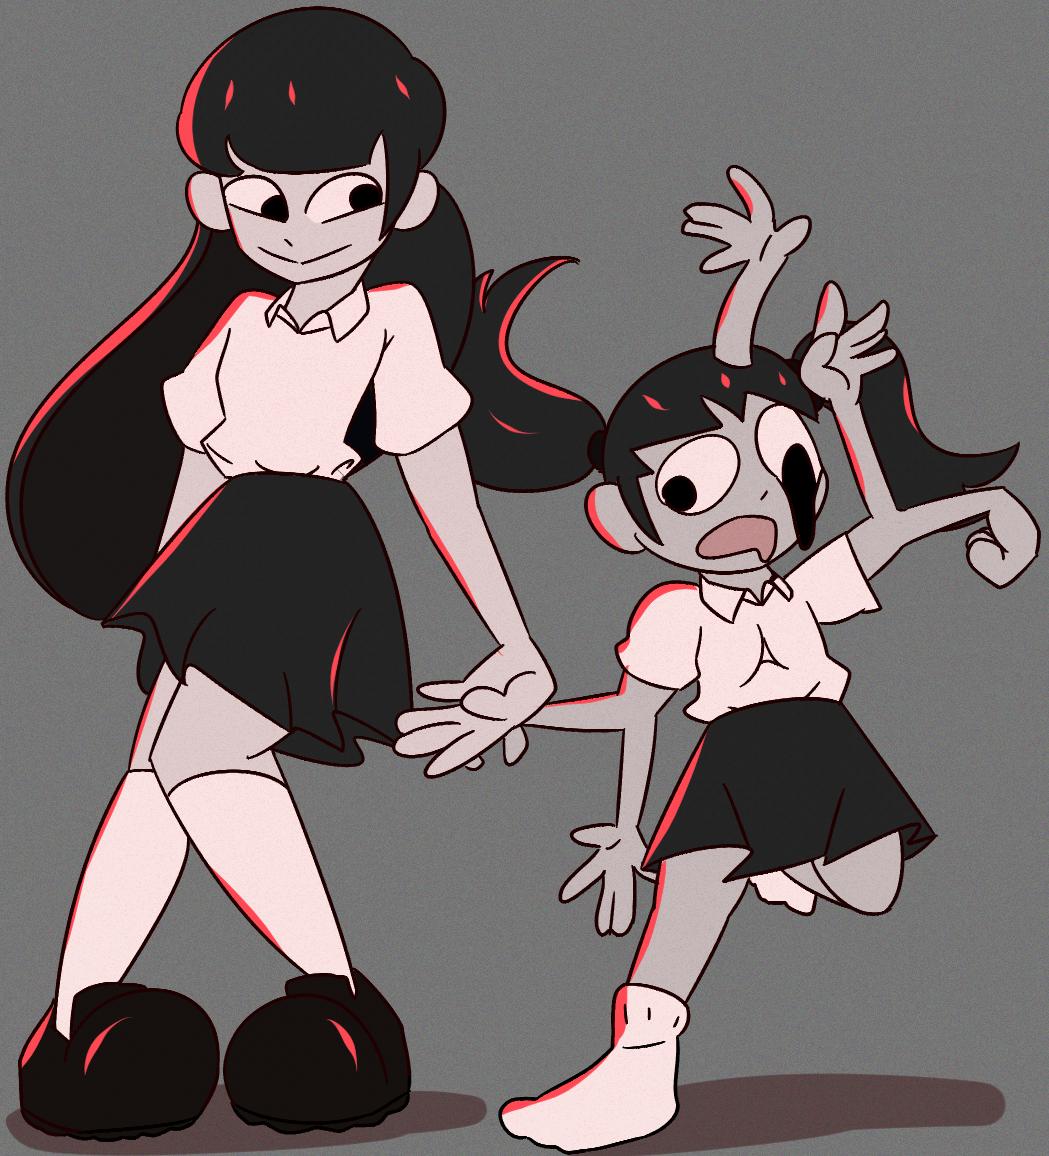 Monoe and Monoko